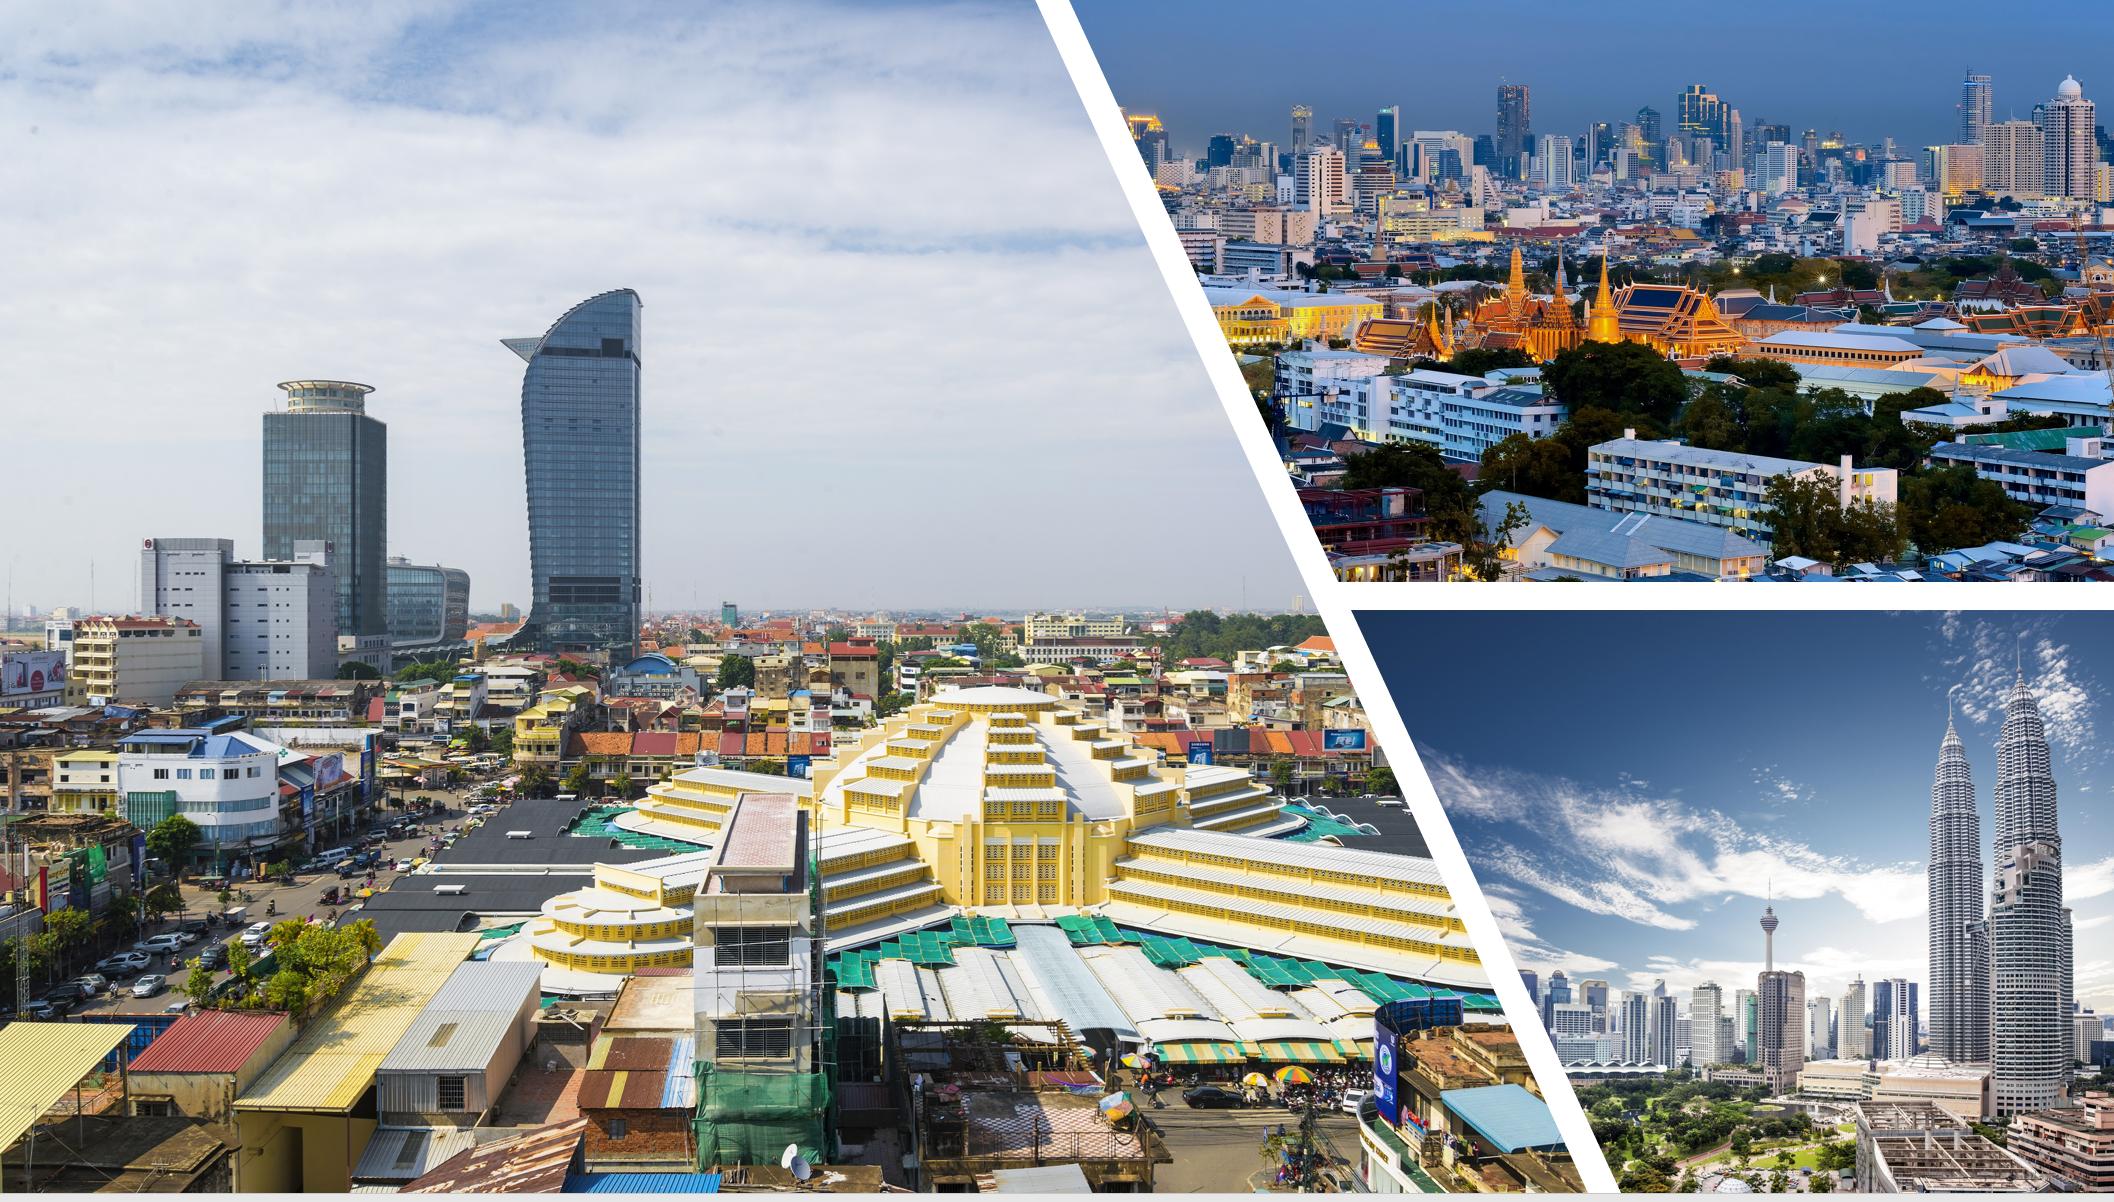 ビヨンドボーダーズの主要投資国タイ・ベトナム・マレーシア